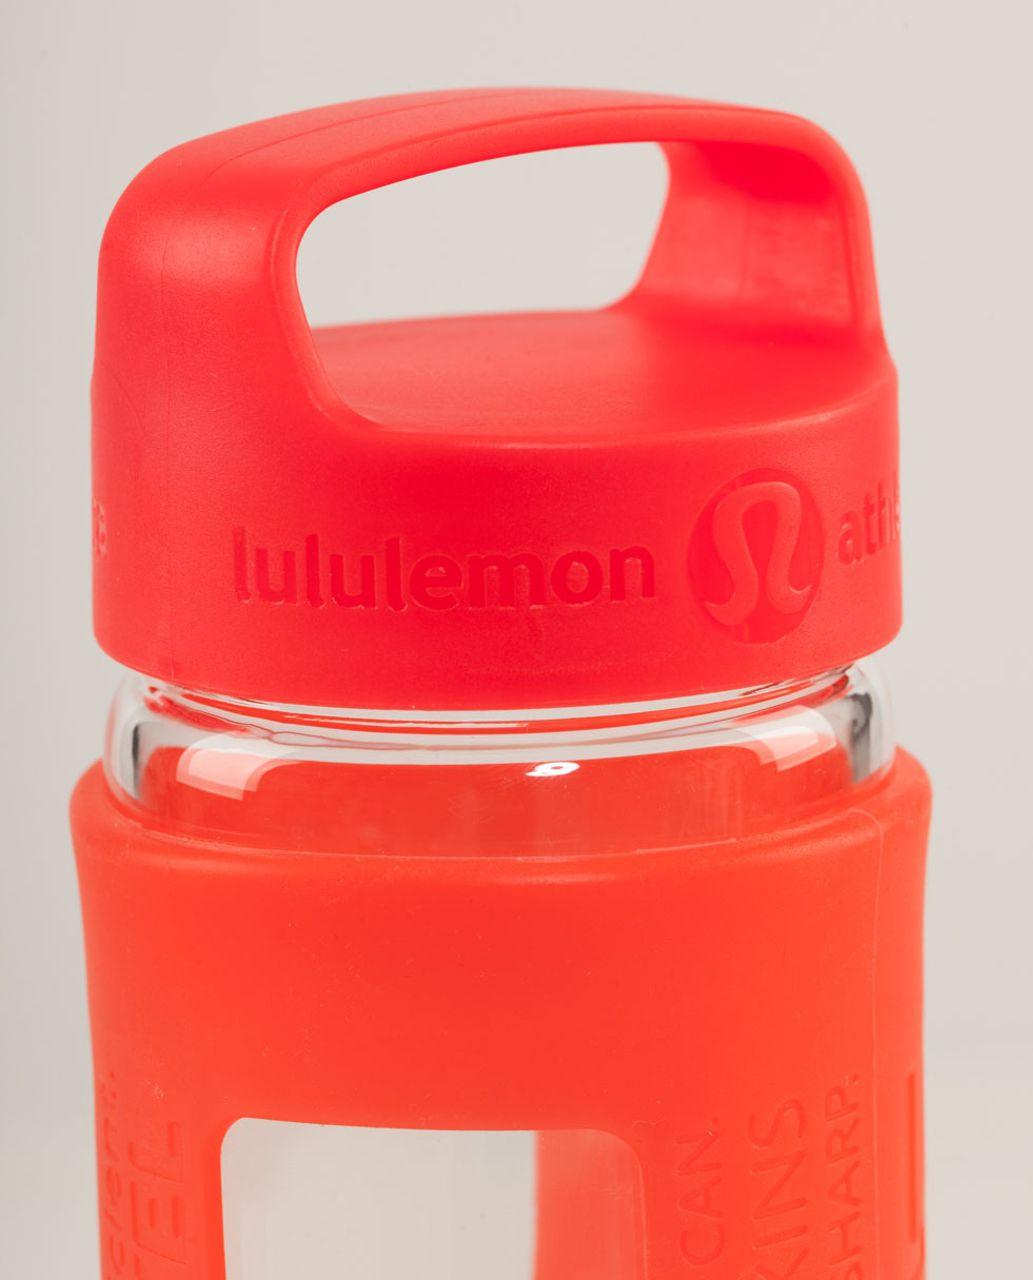 Lululemon Pure Balance Water Bottle - Flare